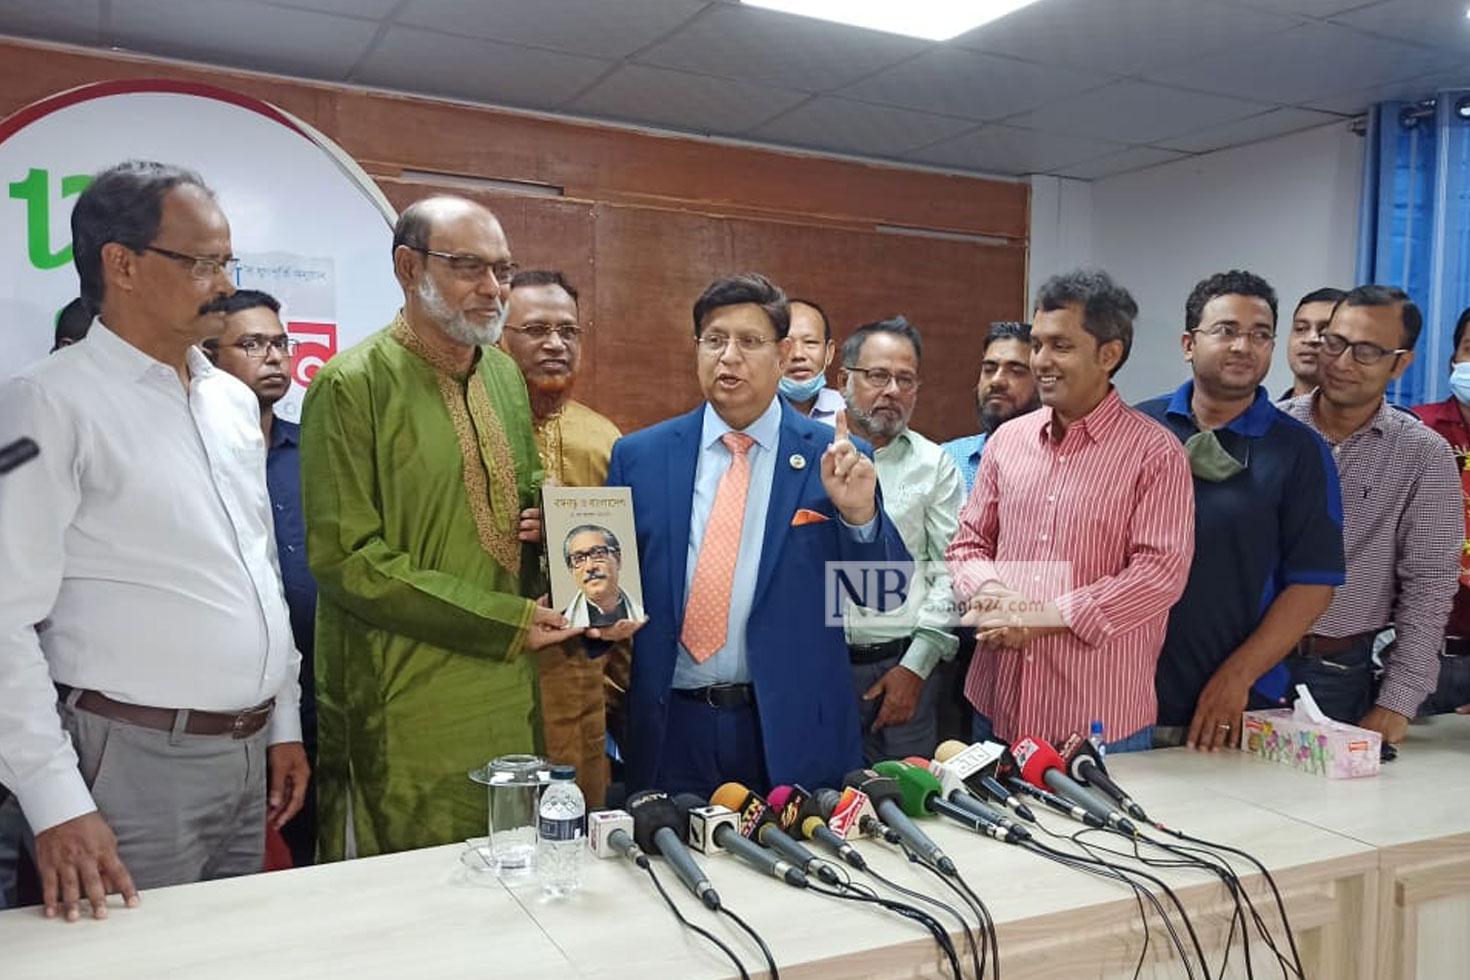 সাম্প্রদায়িক সম্প্রীতিতে বাংলাদেশ 'নাম্বার ওয়ান': পররাষ্ট্রমন্ত্রী